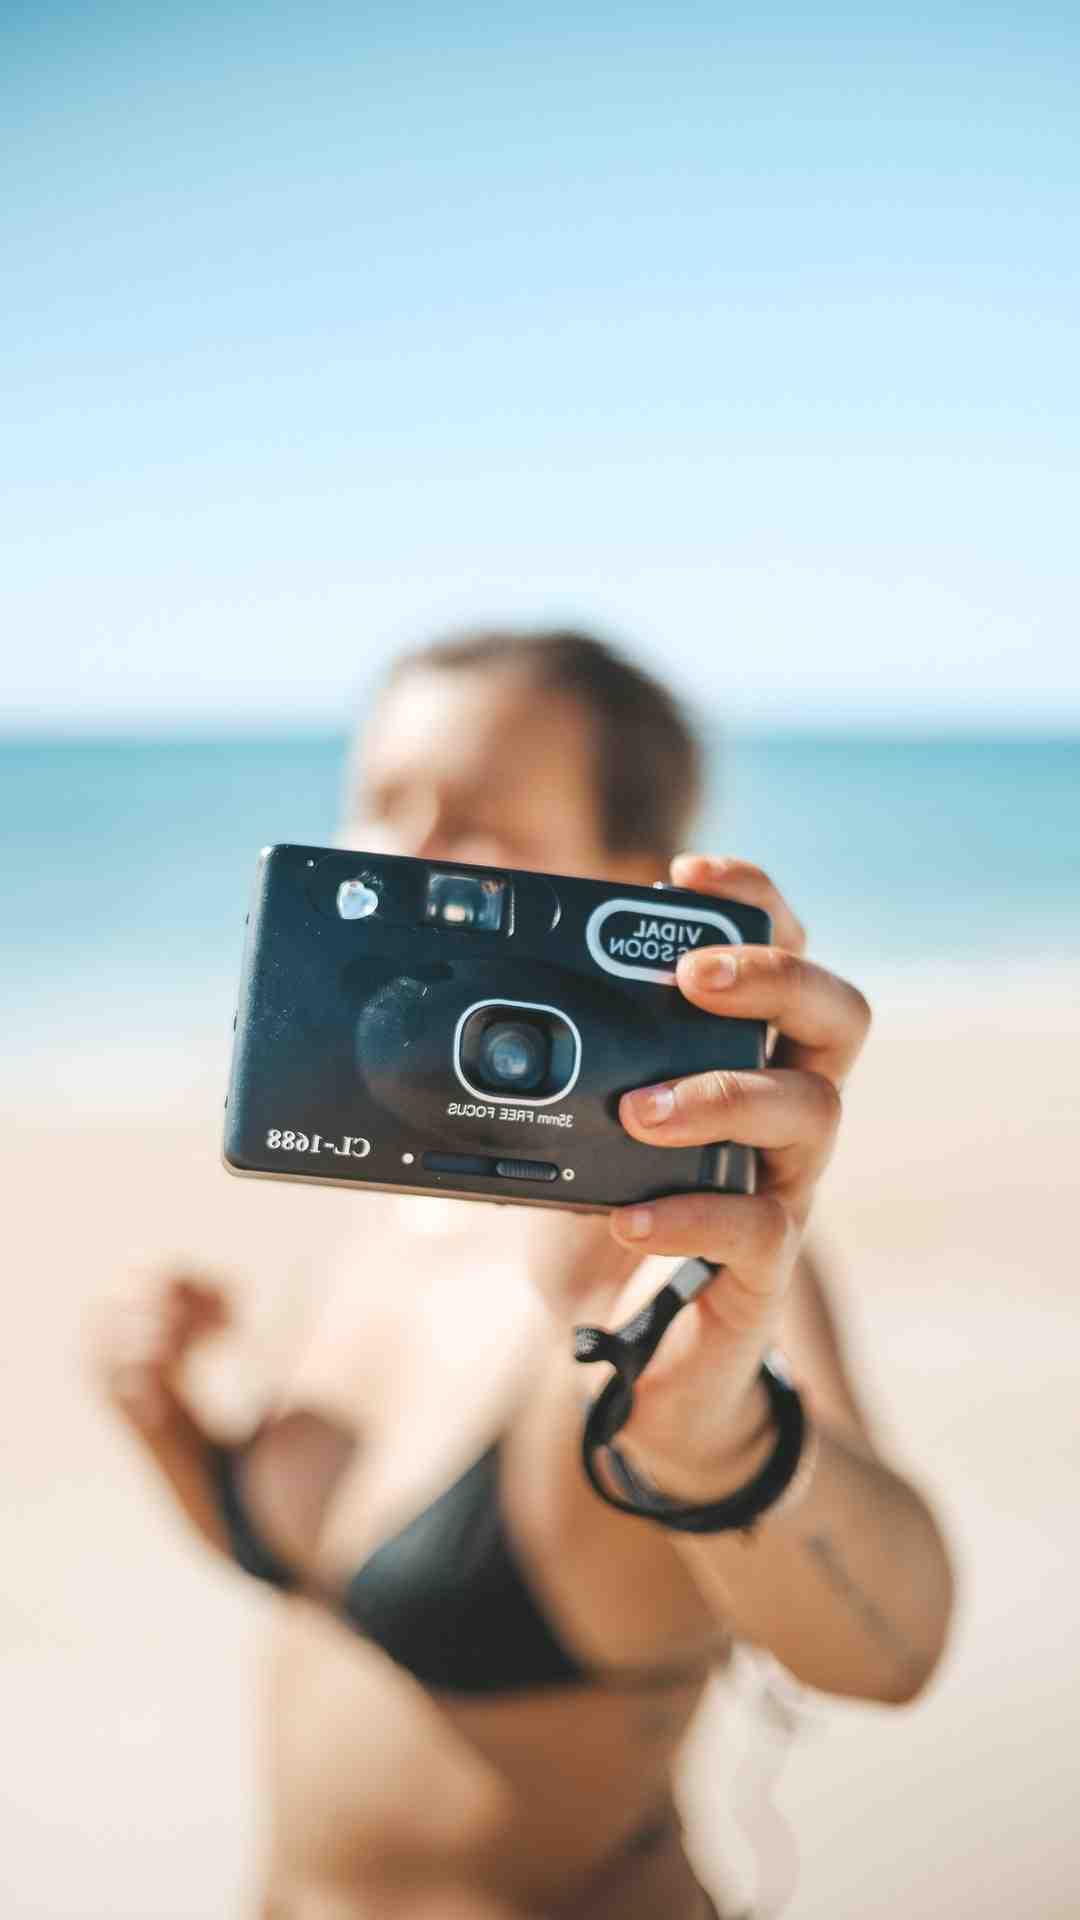 Comment mettre une photo comme fond d'écran sur Huawei?